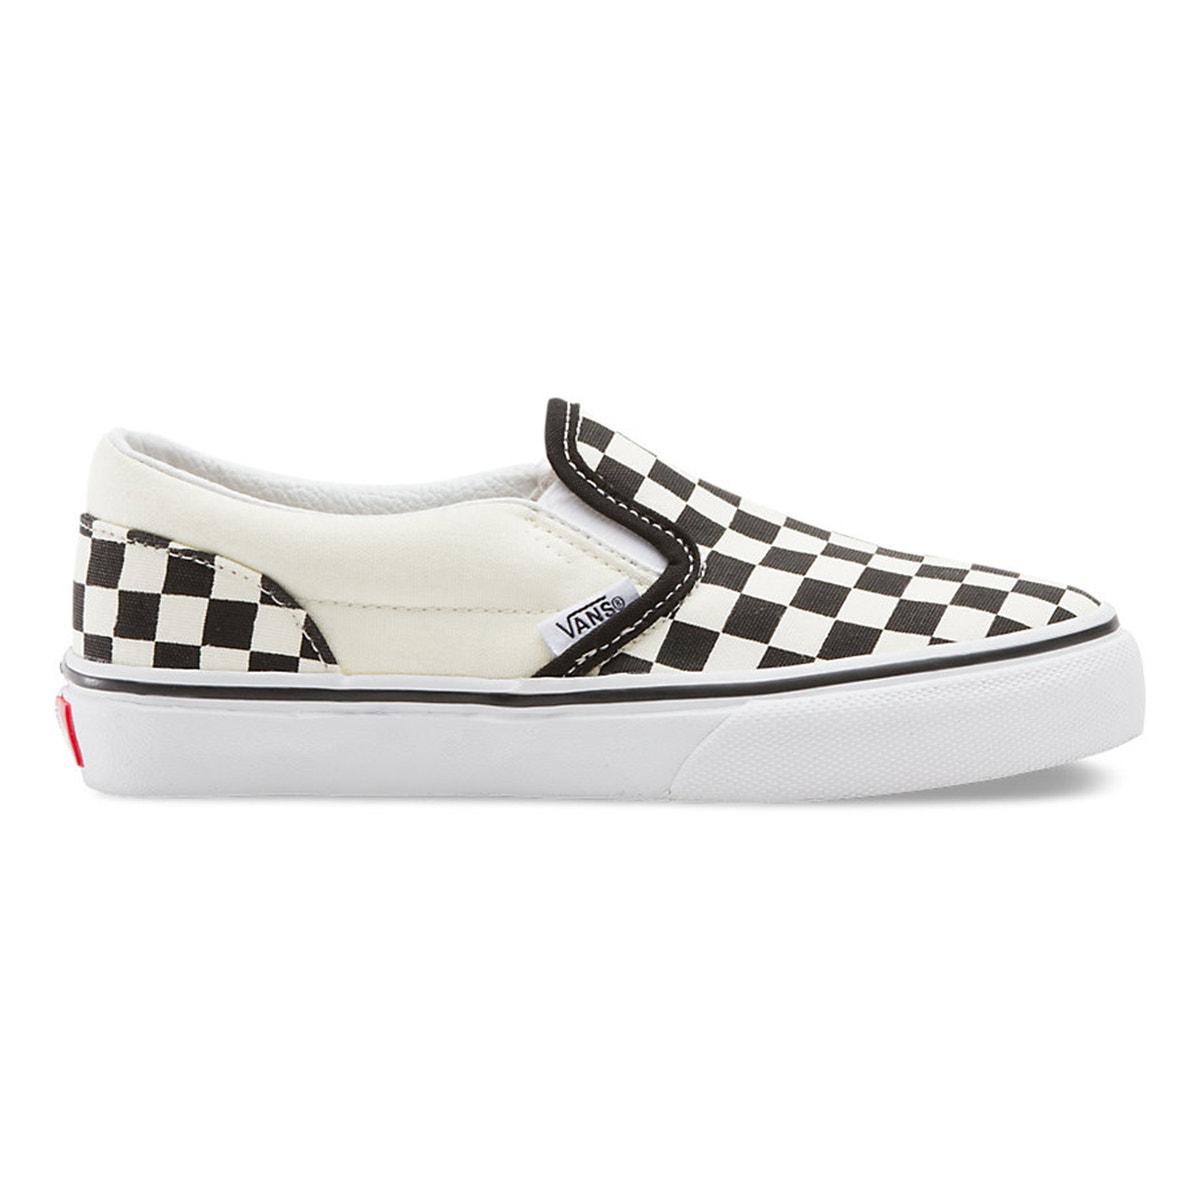 Vans - Vans 350111181 - 6874 laredoute   παιδικα   sneakers